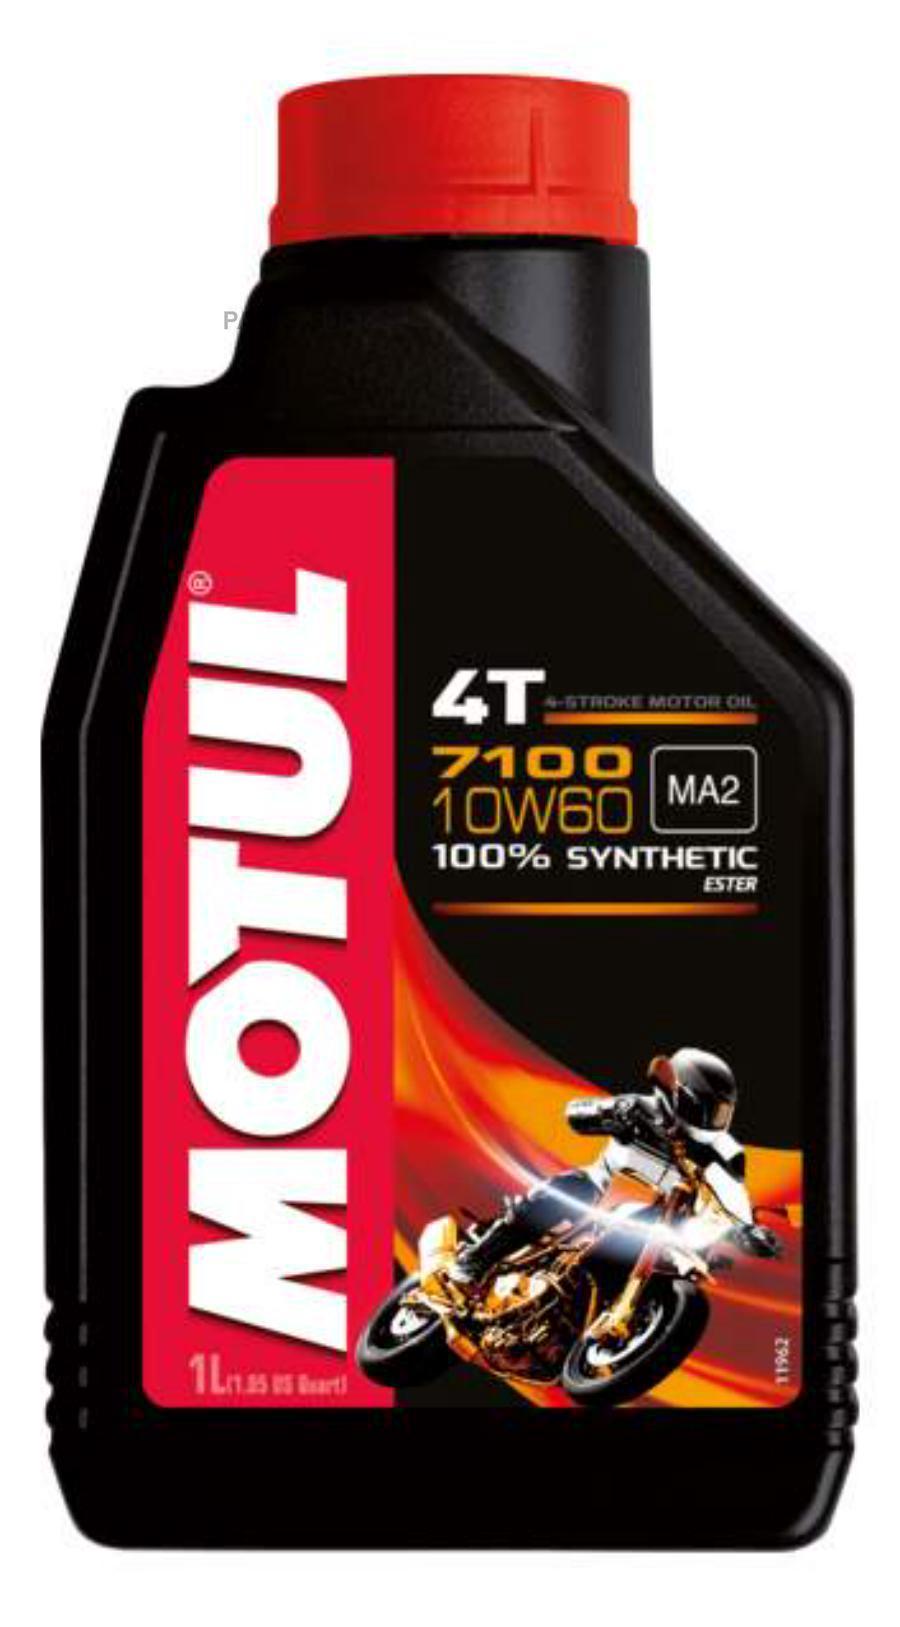 Масло моторное синтетическое 7100 4T 10W-60, 1л